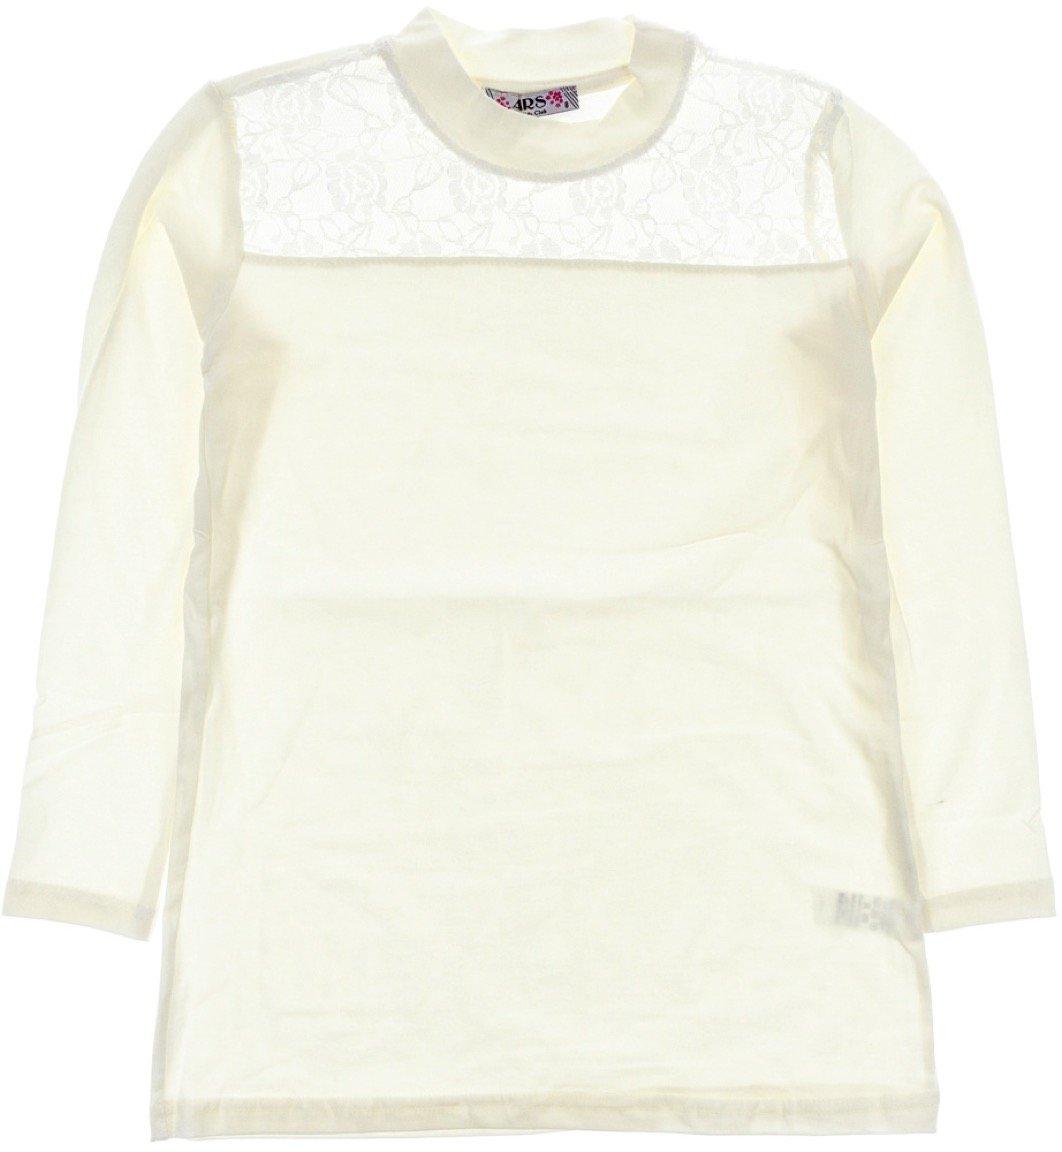 ARS παιδική εποχιακή μπλούζα «Ecru Delicate Lace»